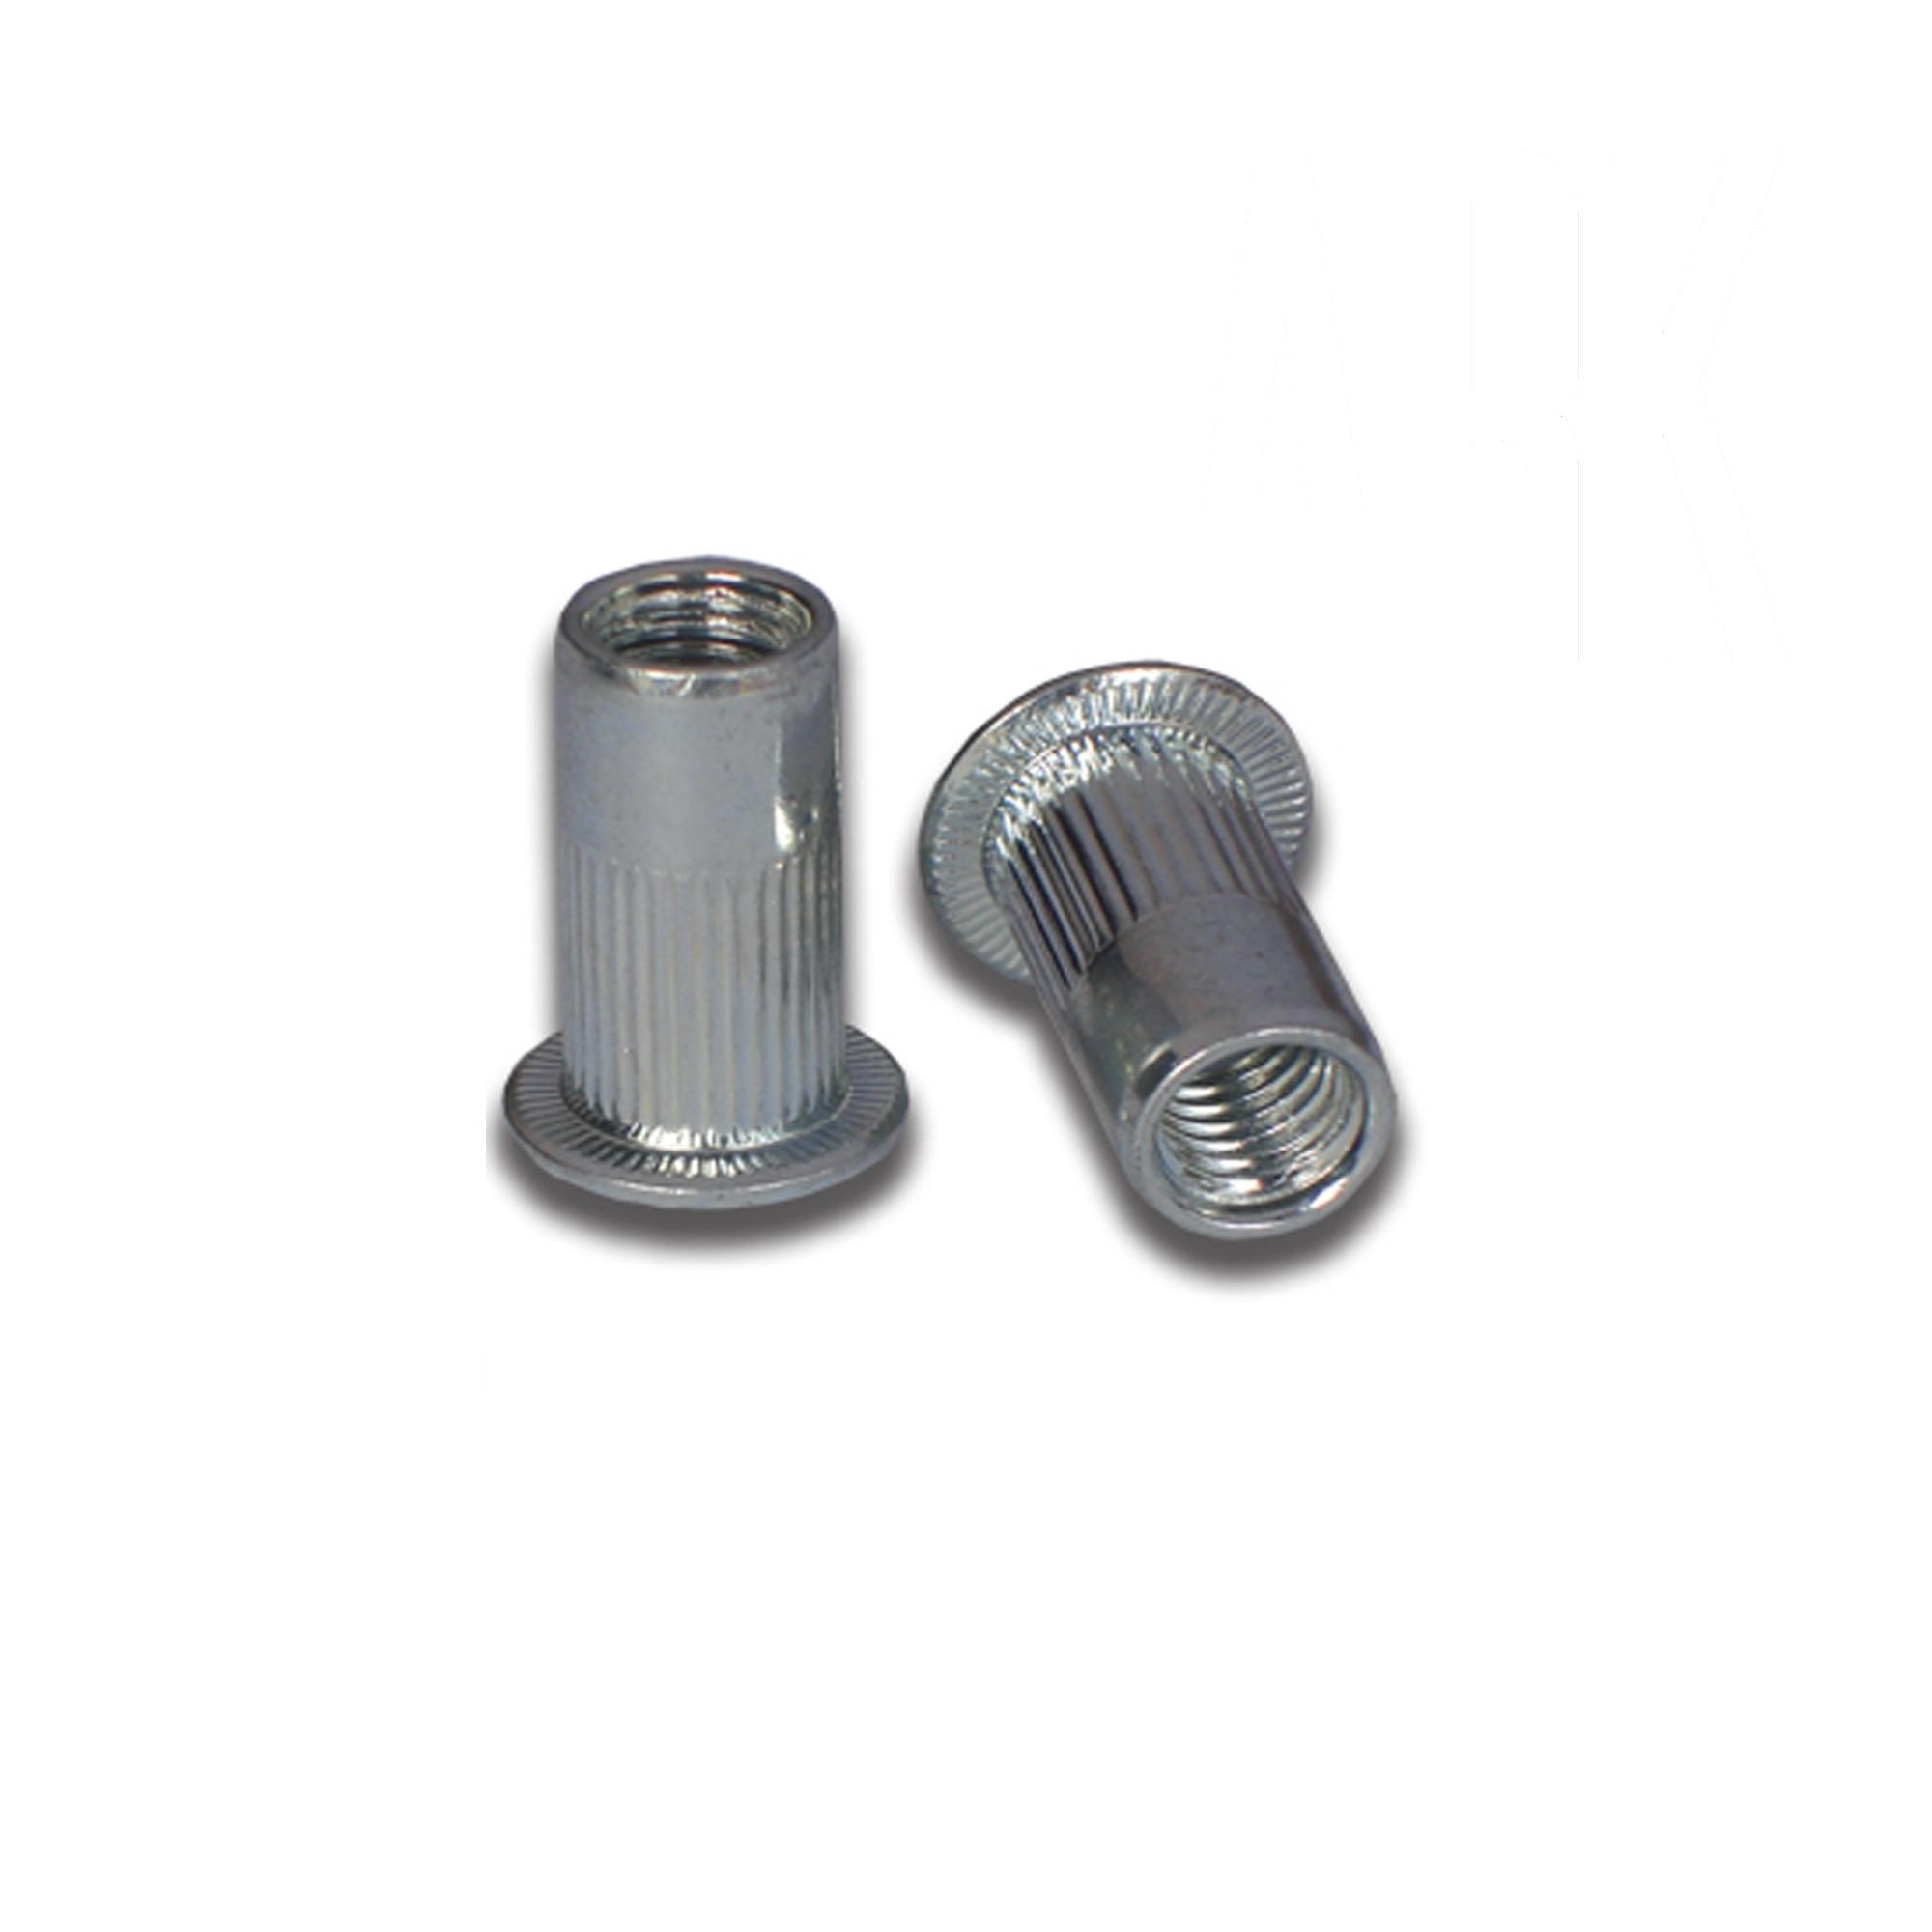 M8 Aluminium Flathead Rivet Nut Round Body